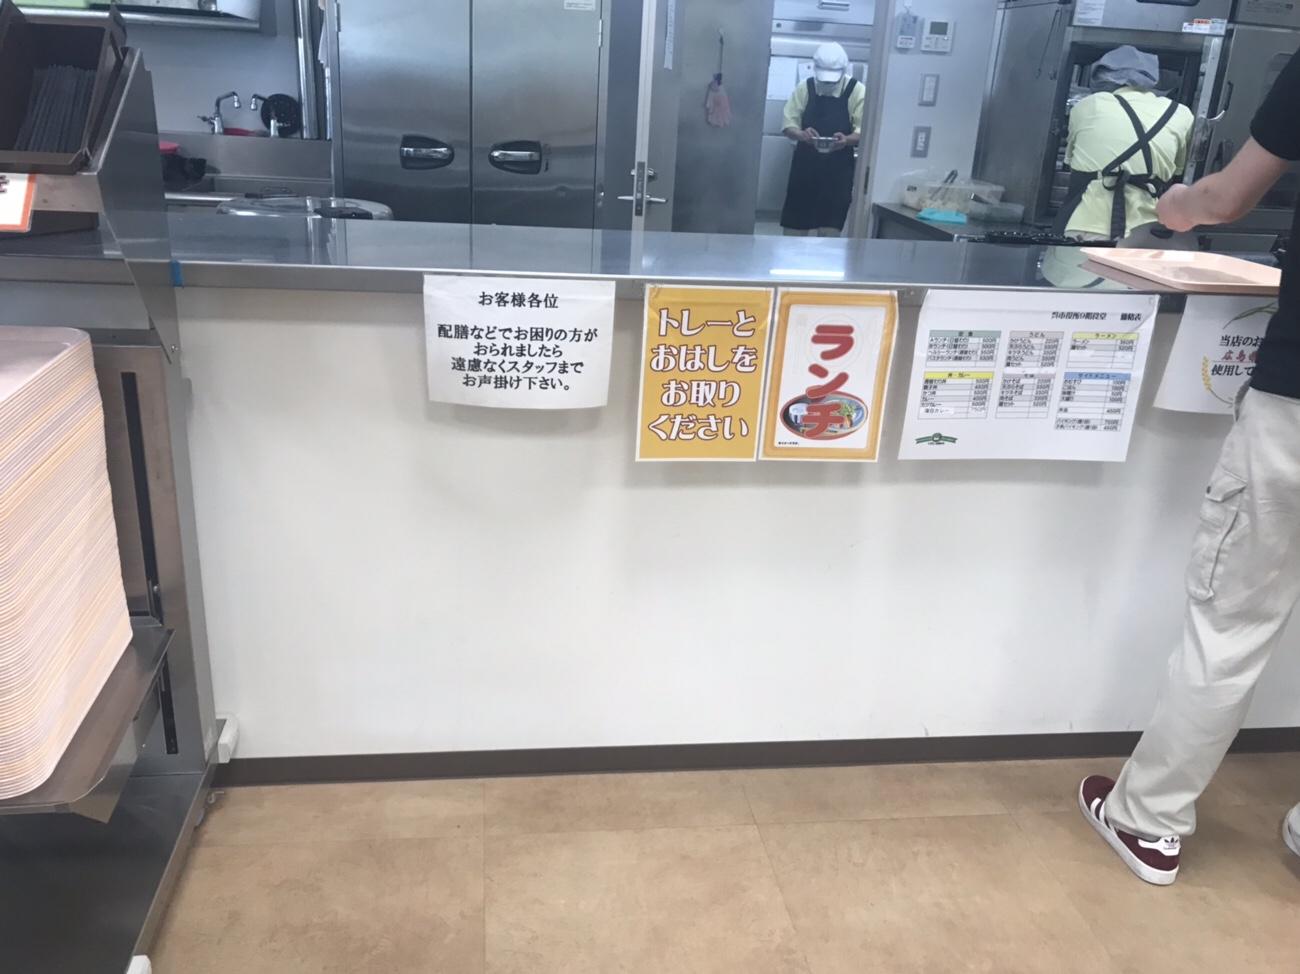 呉市役所食堂 セルフサービス